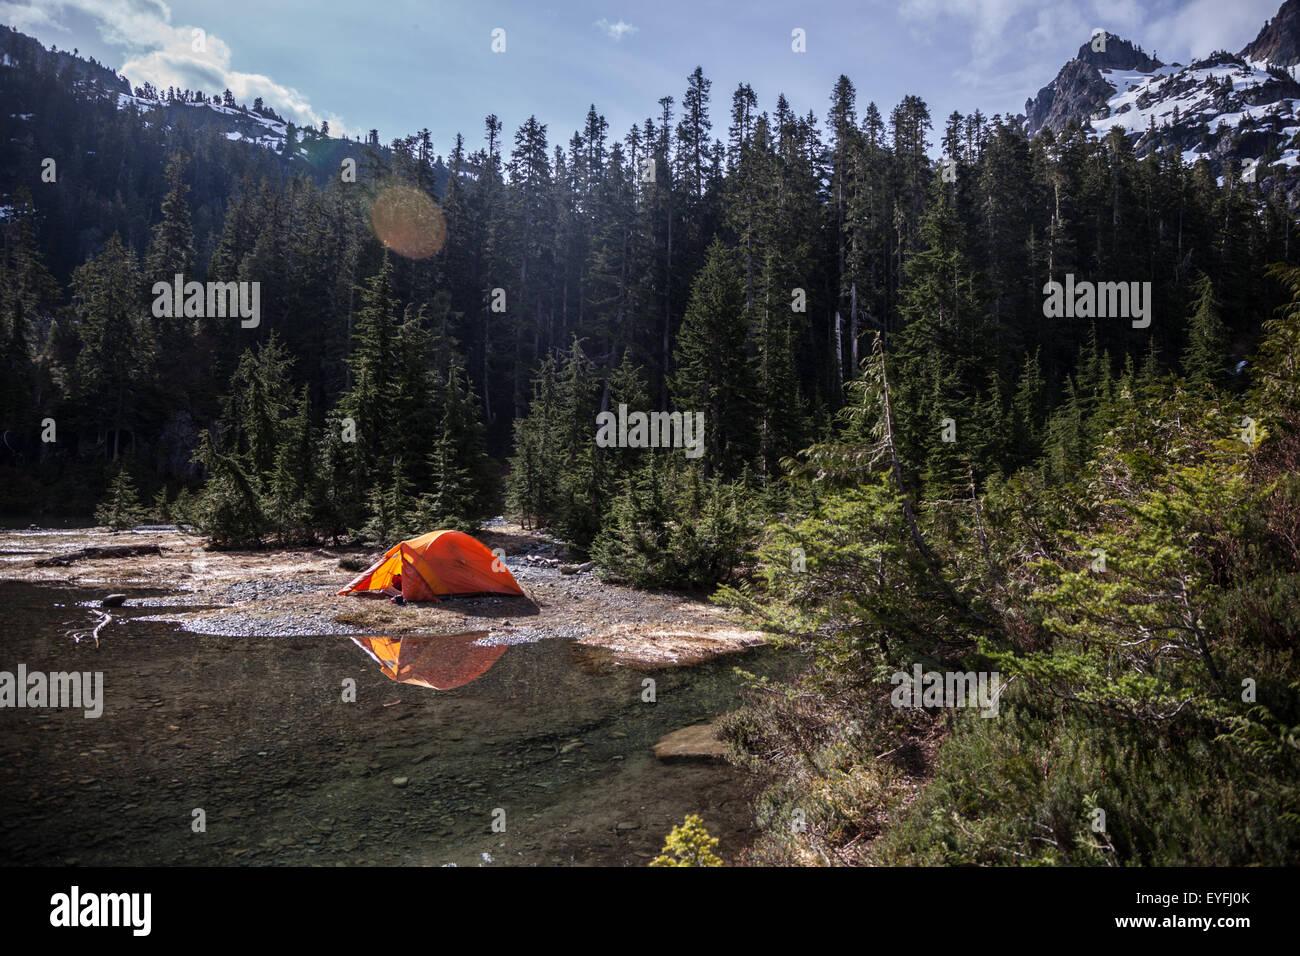 Travesía a lo largo del Camping Howe suena Crest Trail. Imagen De Stock